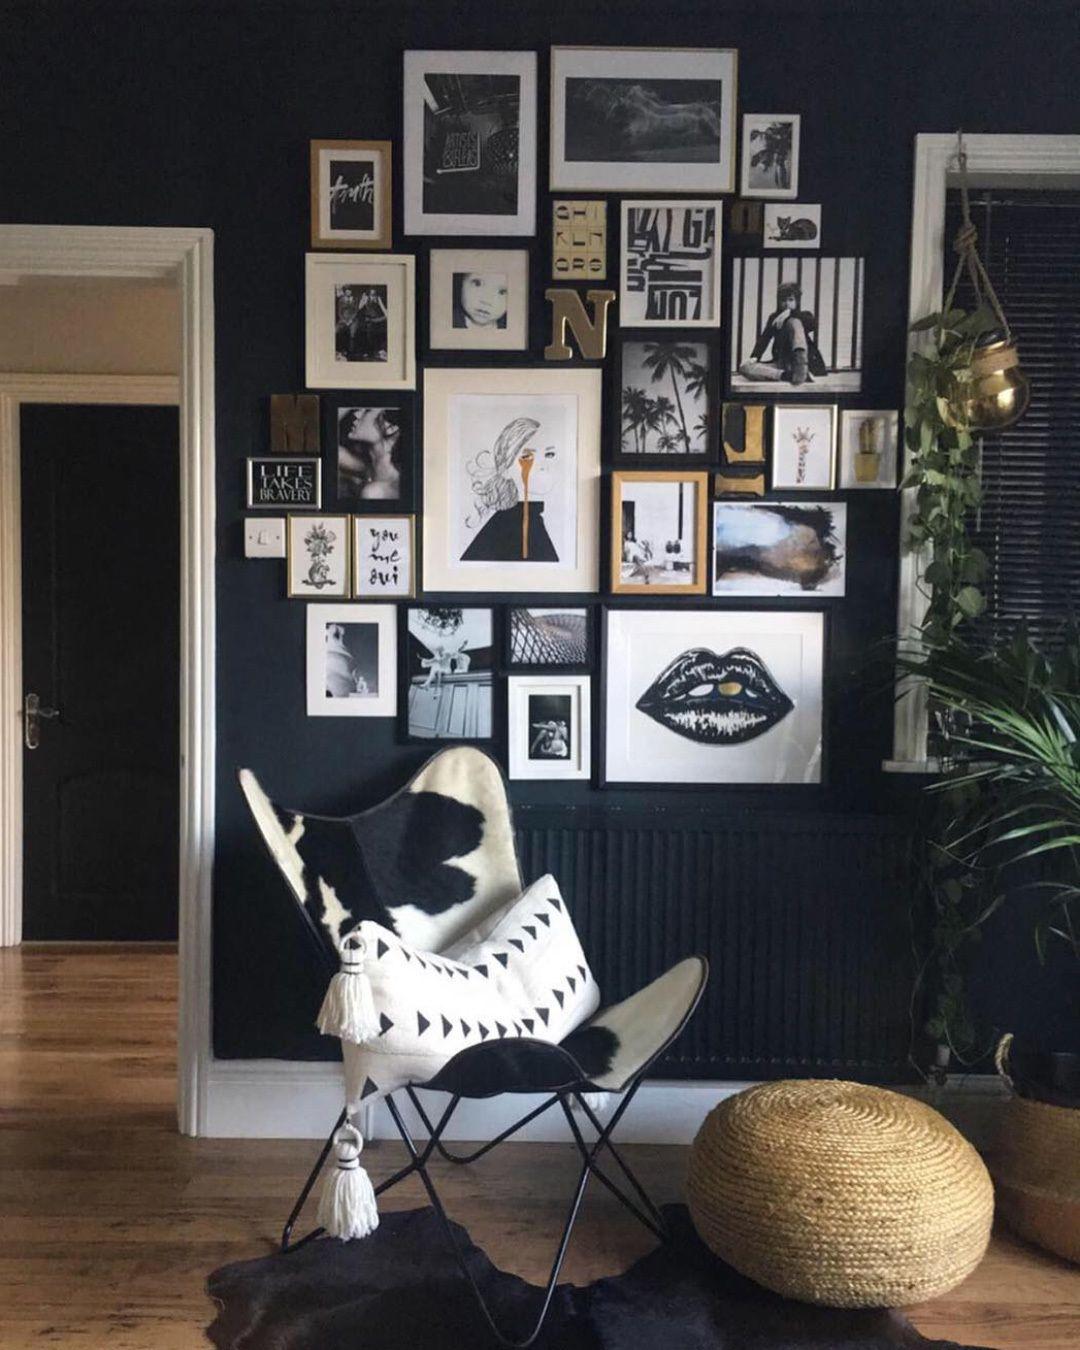 28 Idees Pour Peindre Un Mur Noir Chez Soi Deco Mur Salon Deco